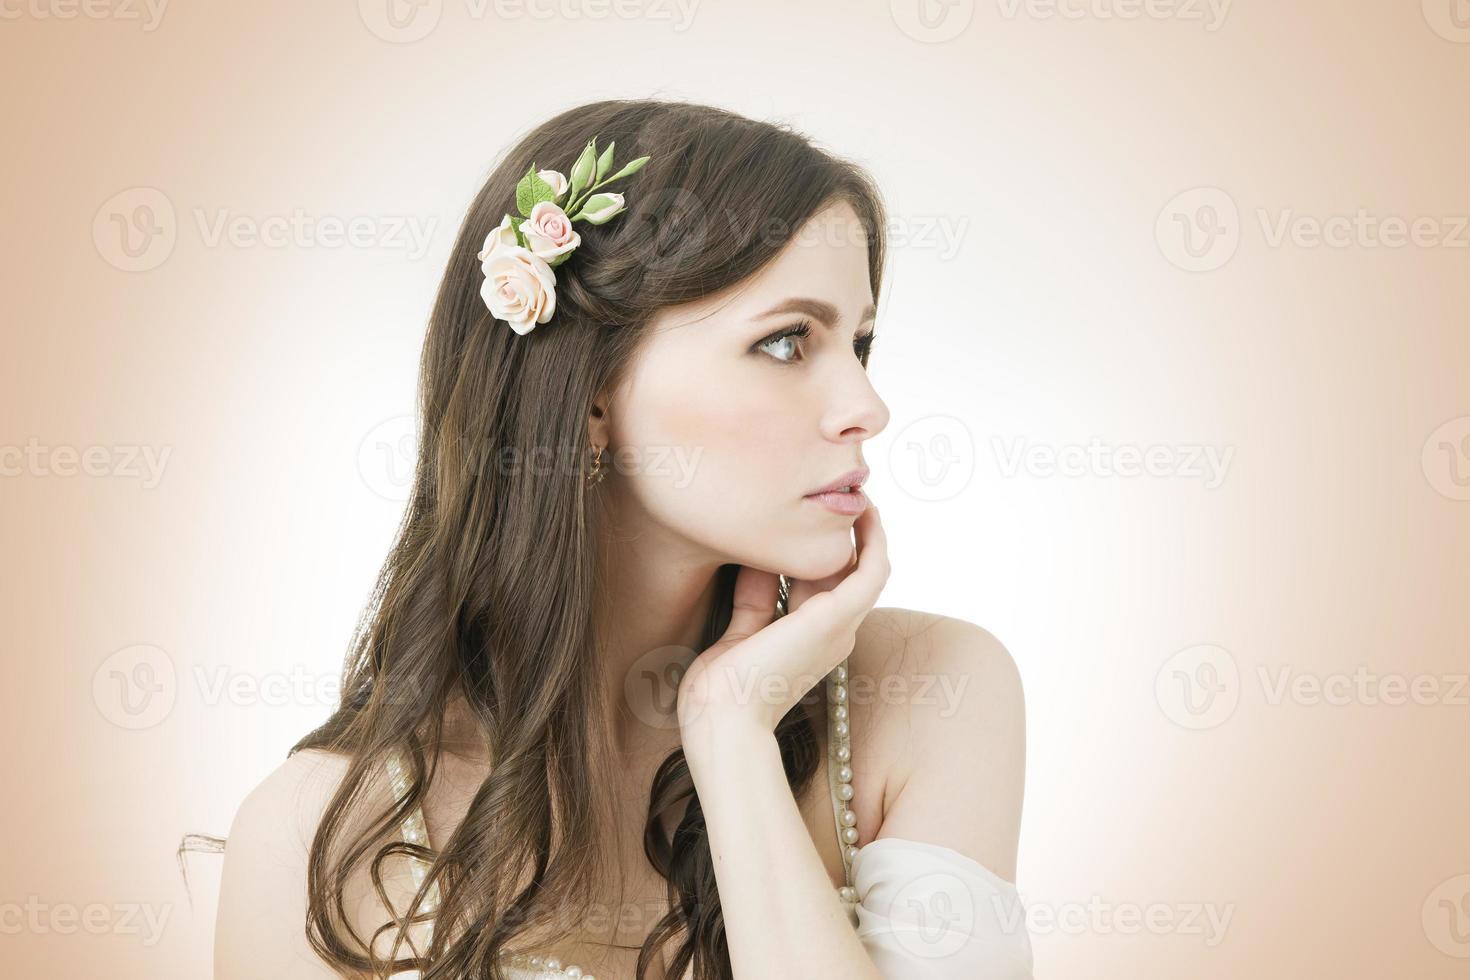 portrait en studio d'une belle jeune mariée photo